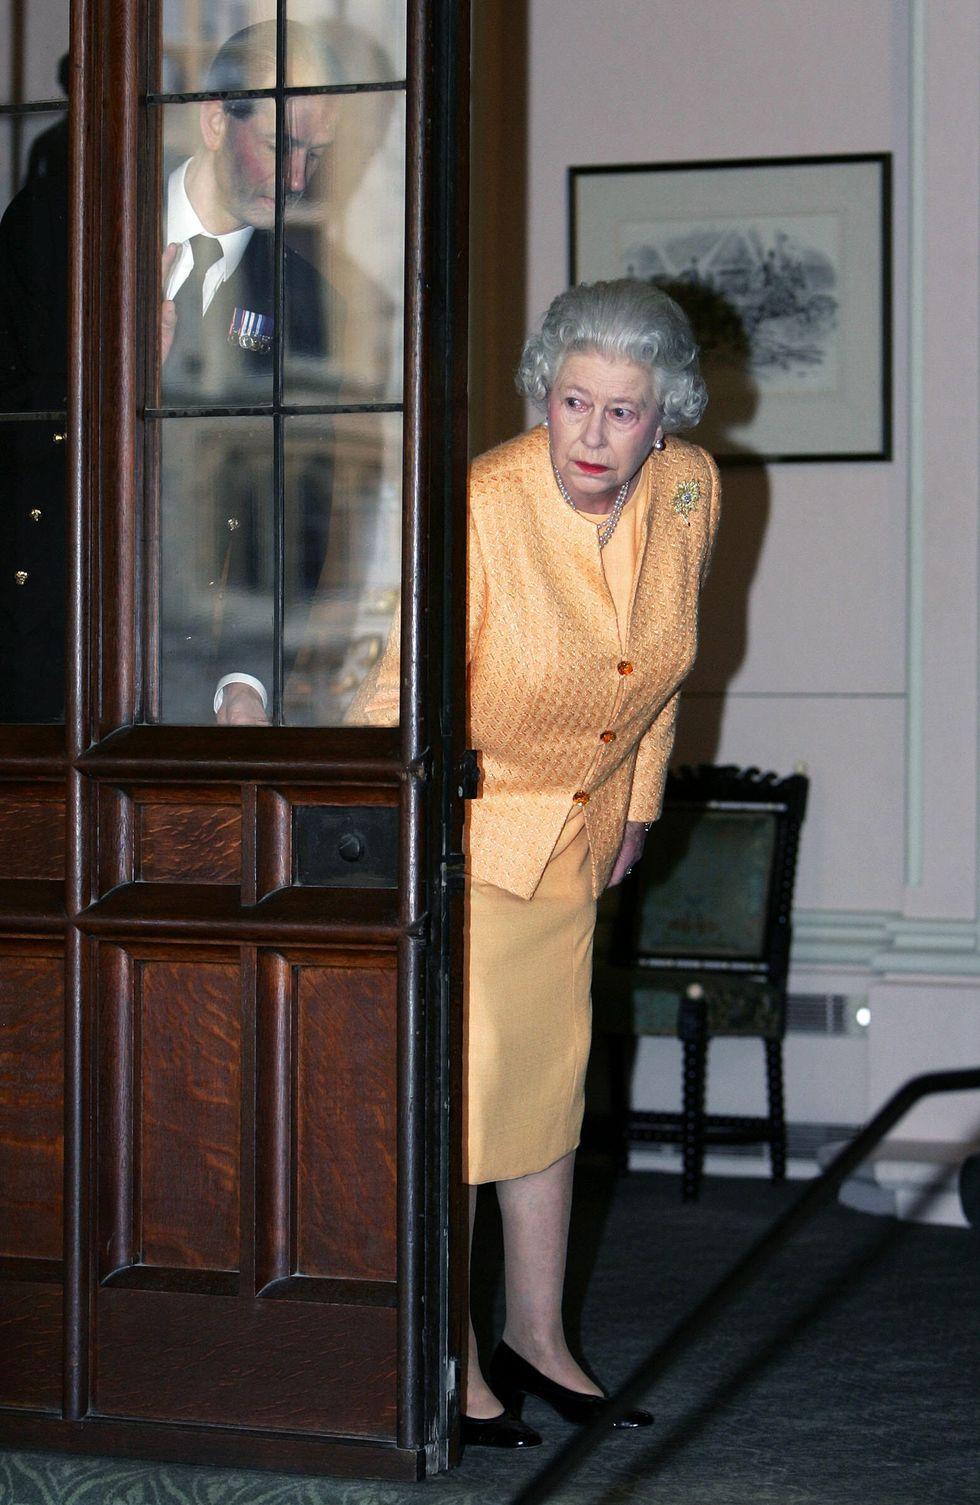 Bí mật váy áo của Nữ hoàng Anh suốt 100 năm vừa mới được tiết lộ: Không phải các nguyên tắc mà ở chi tiết nhỏ xíu 1 bên vai-1